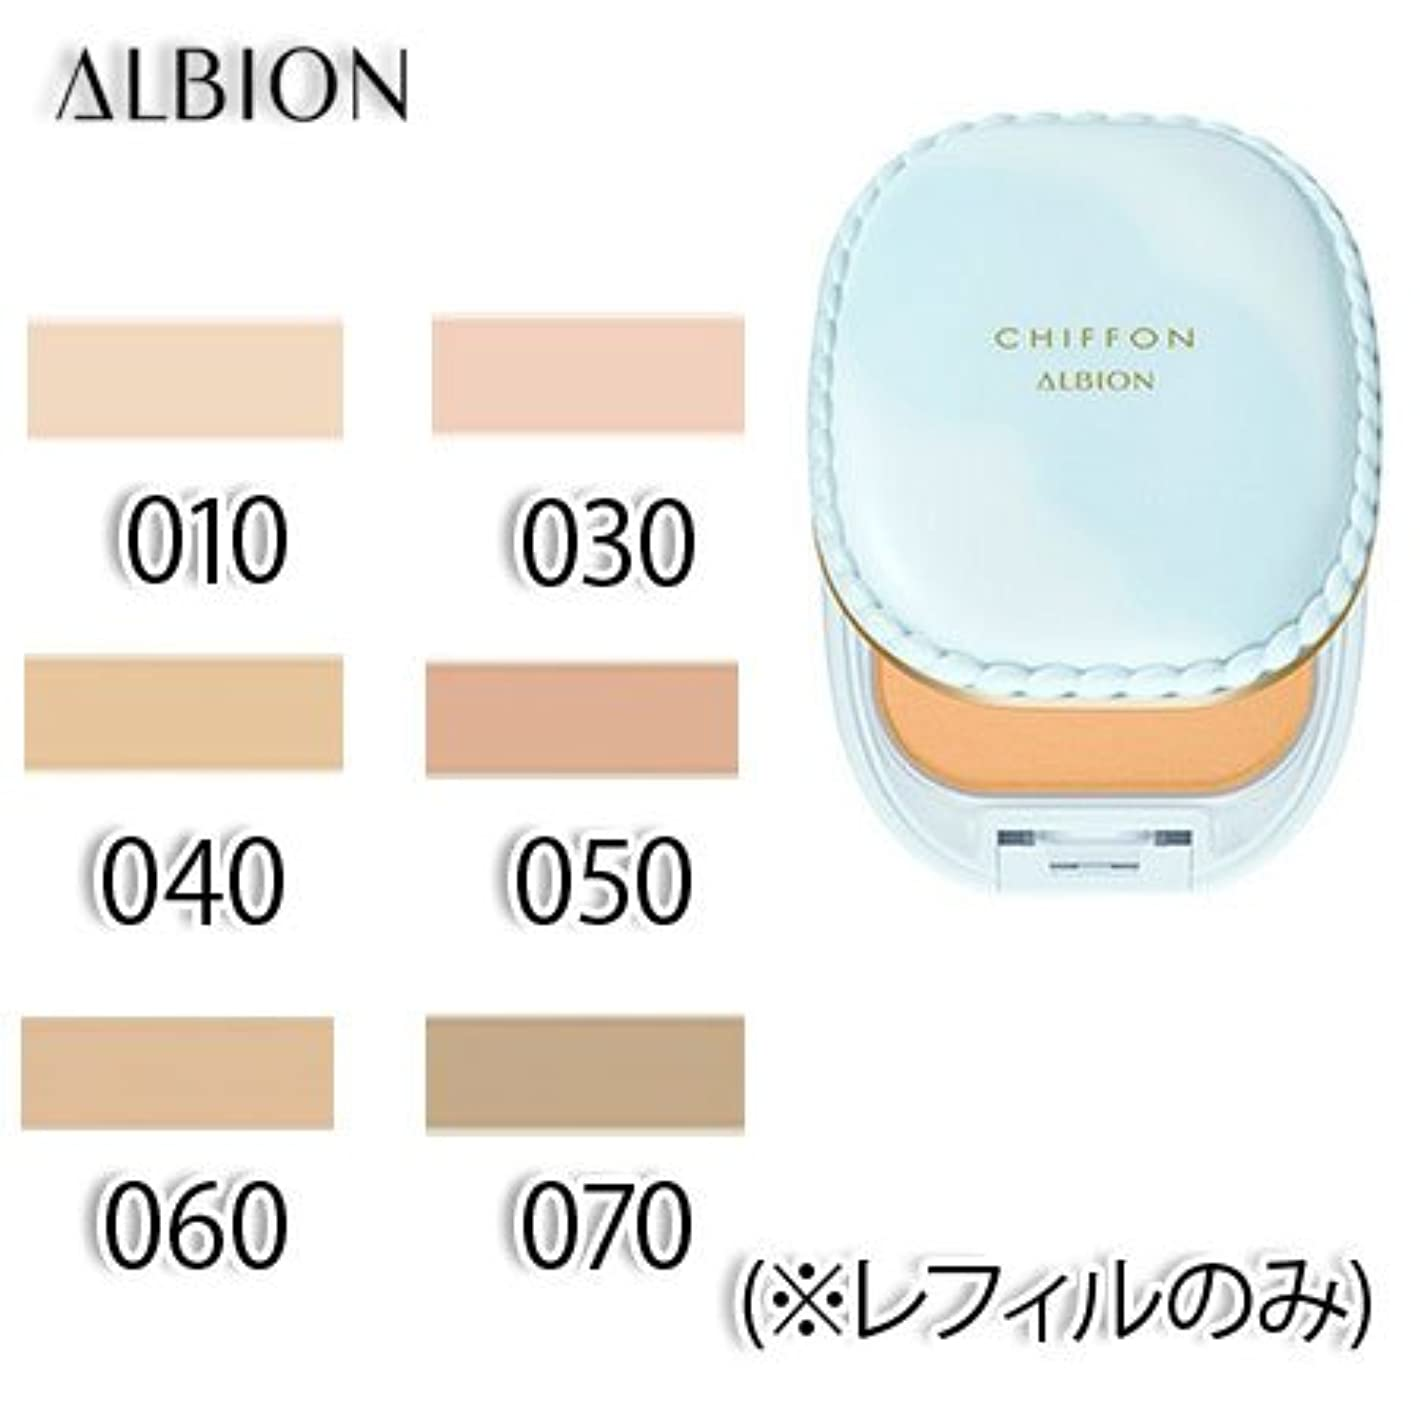 相続人マンハッタン漏れアルビオン スノー ホワイト シフォン 全6色 SPF25?PA++ 10g (レフィルのみ) -ALBION- 050